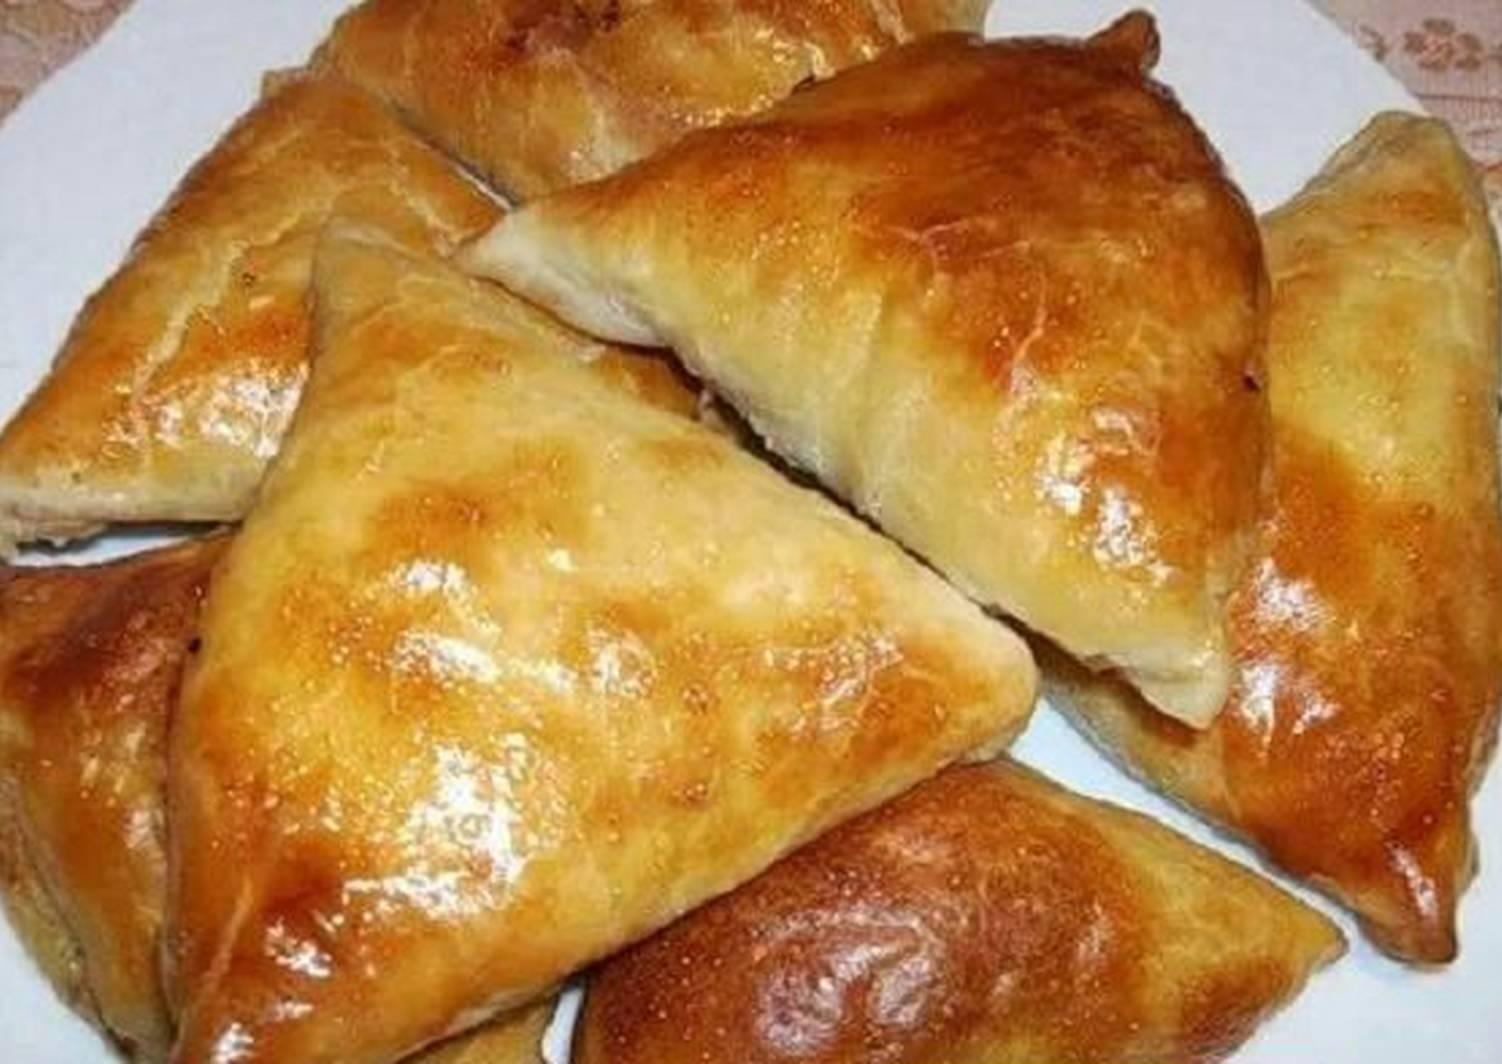 Cамса — те же печеные пирожки, но с неповторимым восточным вкусом и ароматом. - Mir Cooking